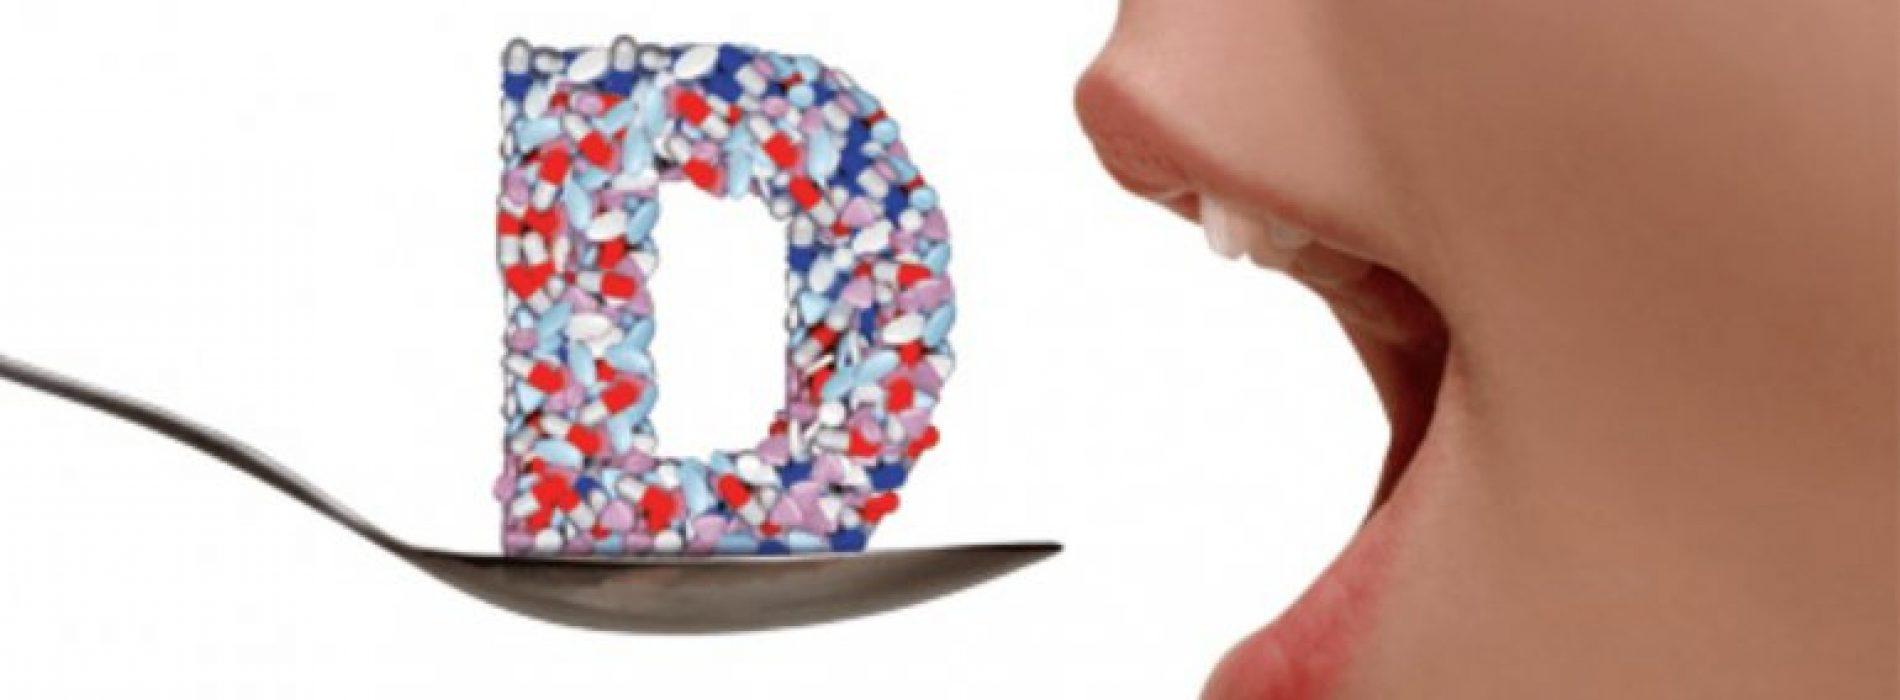 Vitamina D y el riesgo de cáncer